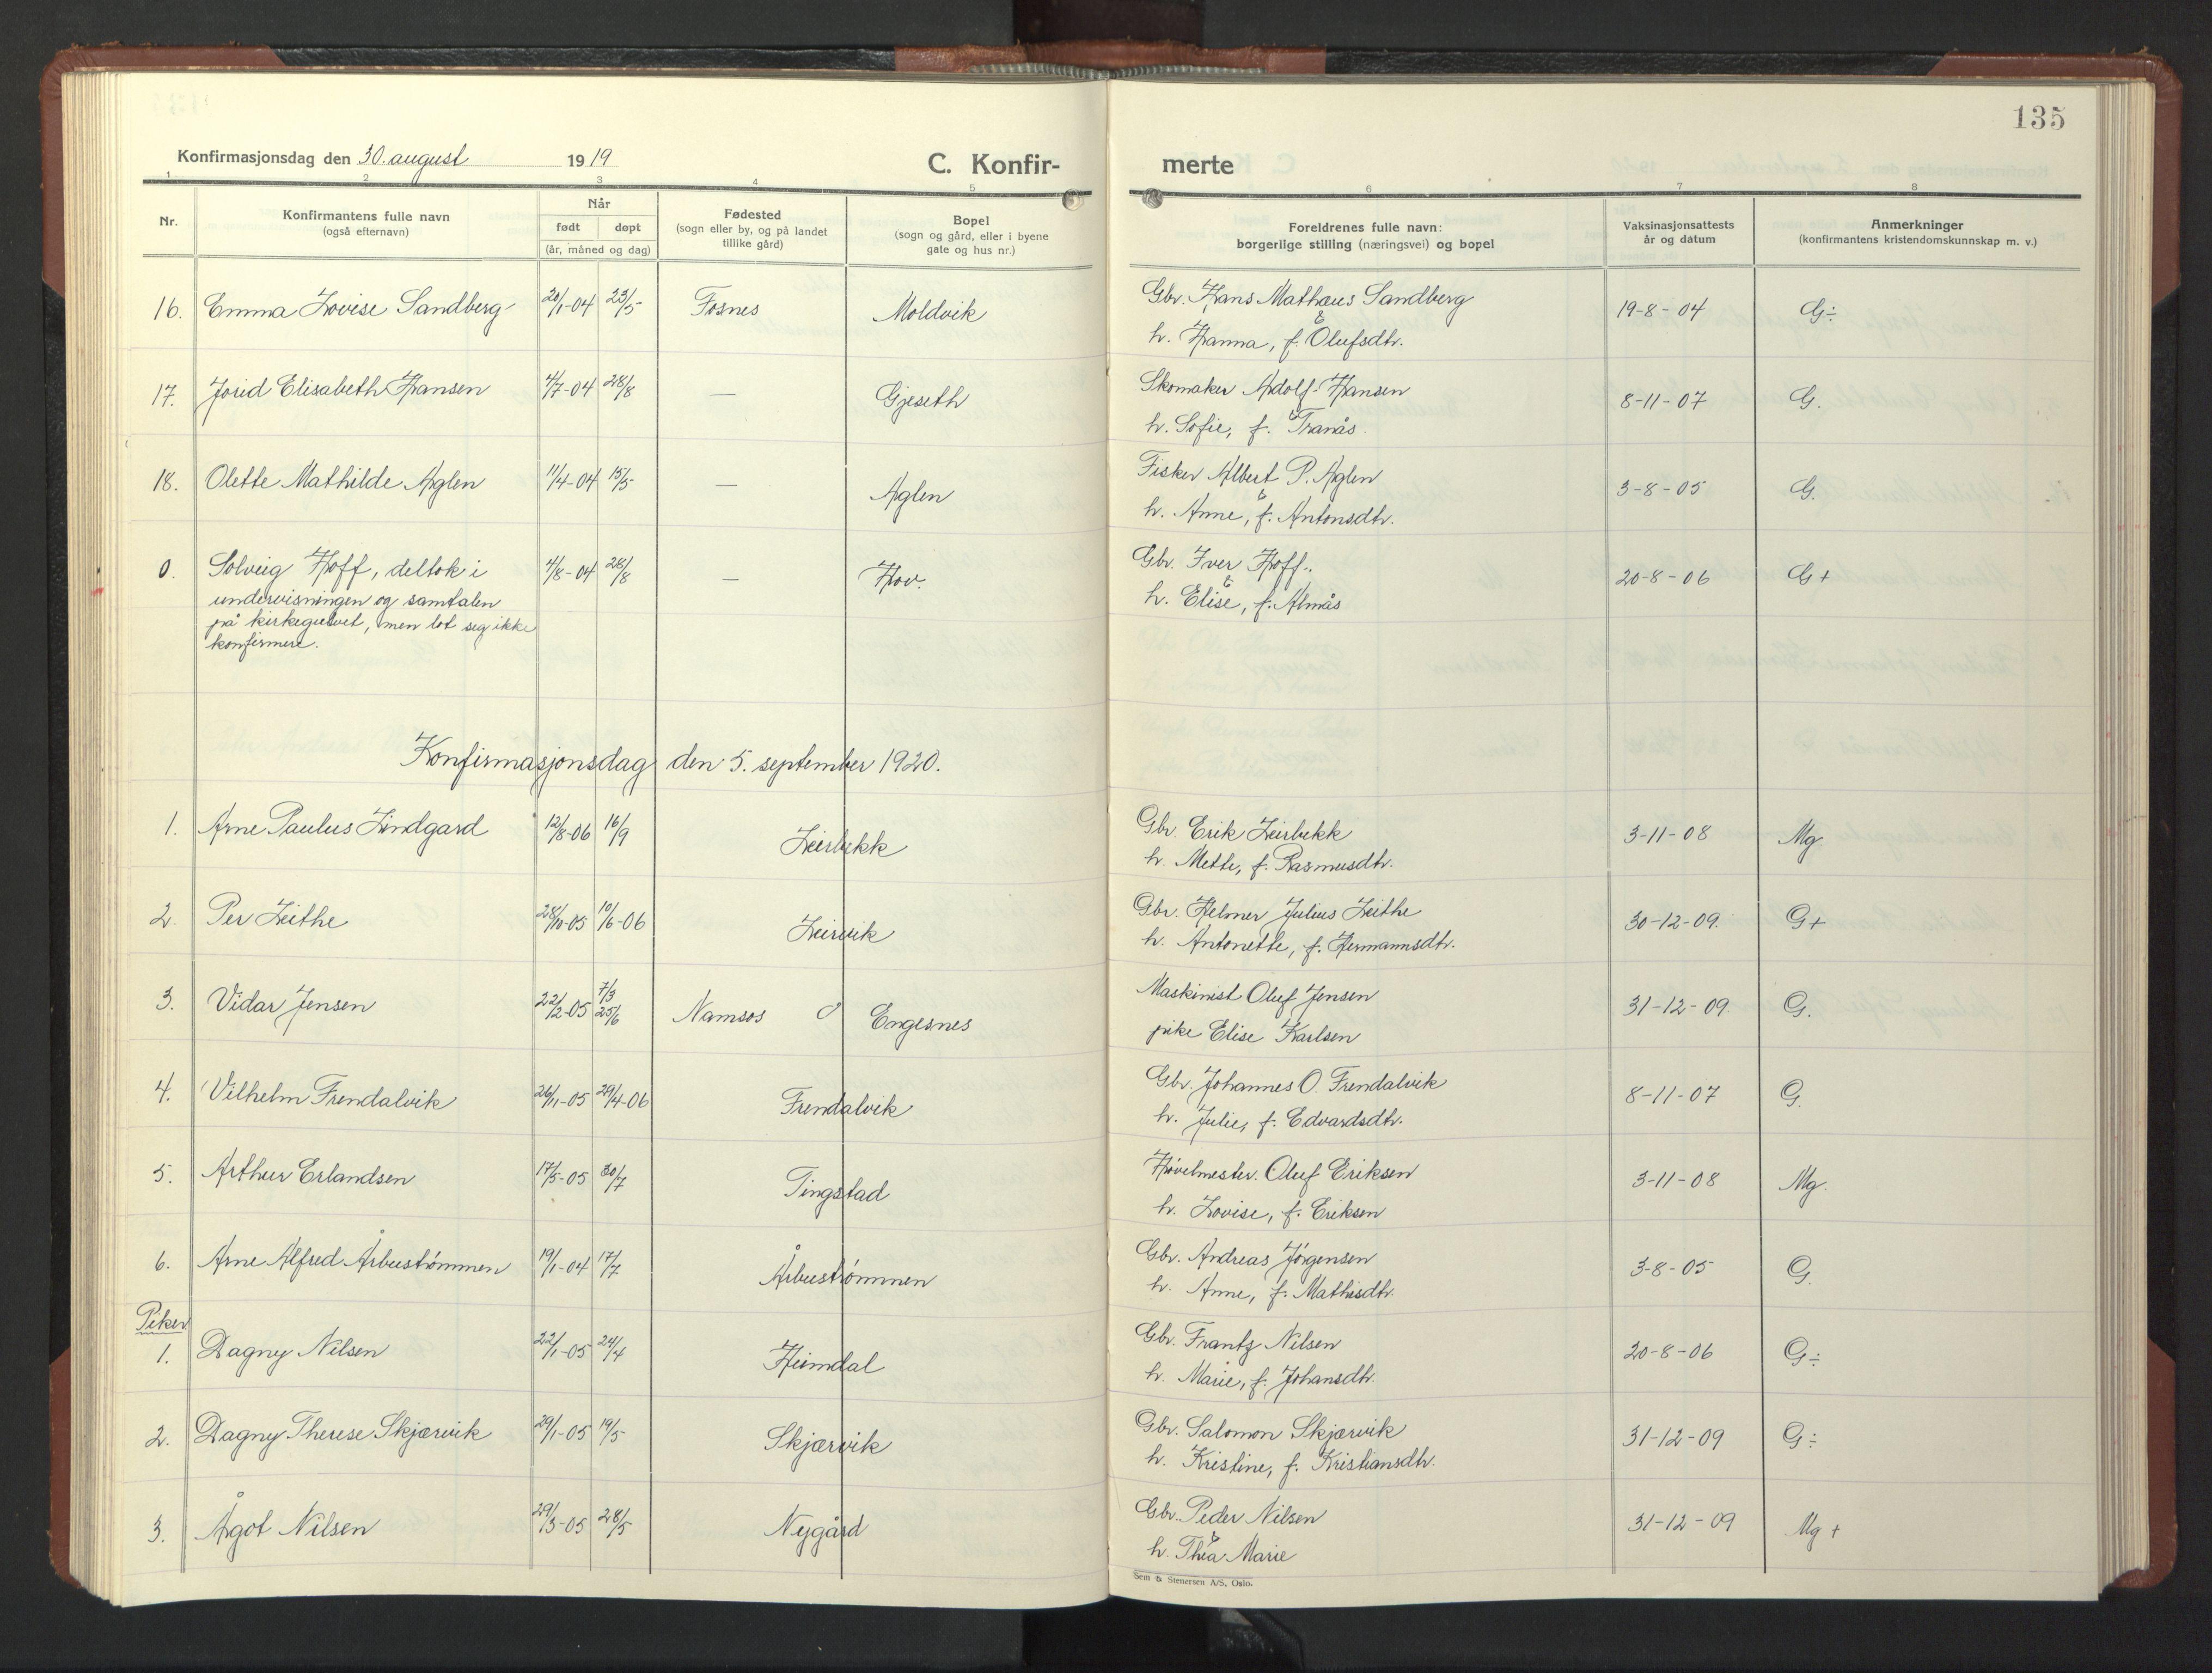 SAT, Ministerialprotokoller, klokkerbøker og fødselsregistre - Nord-Trøndelag, 773/L0625: Klokkerbok nr. 773C01, 1910-1952, s. 135